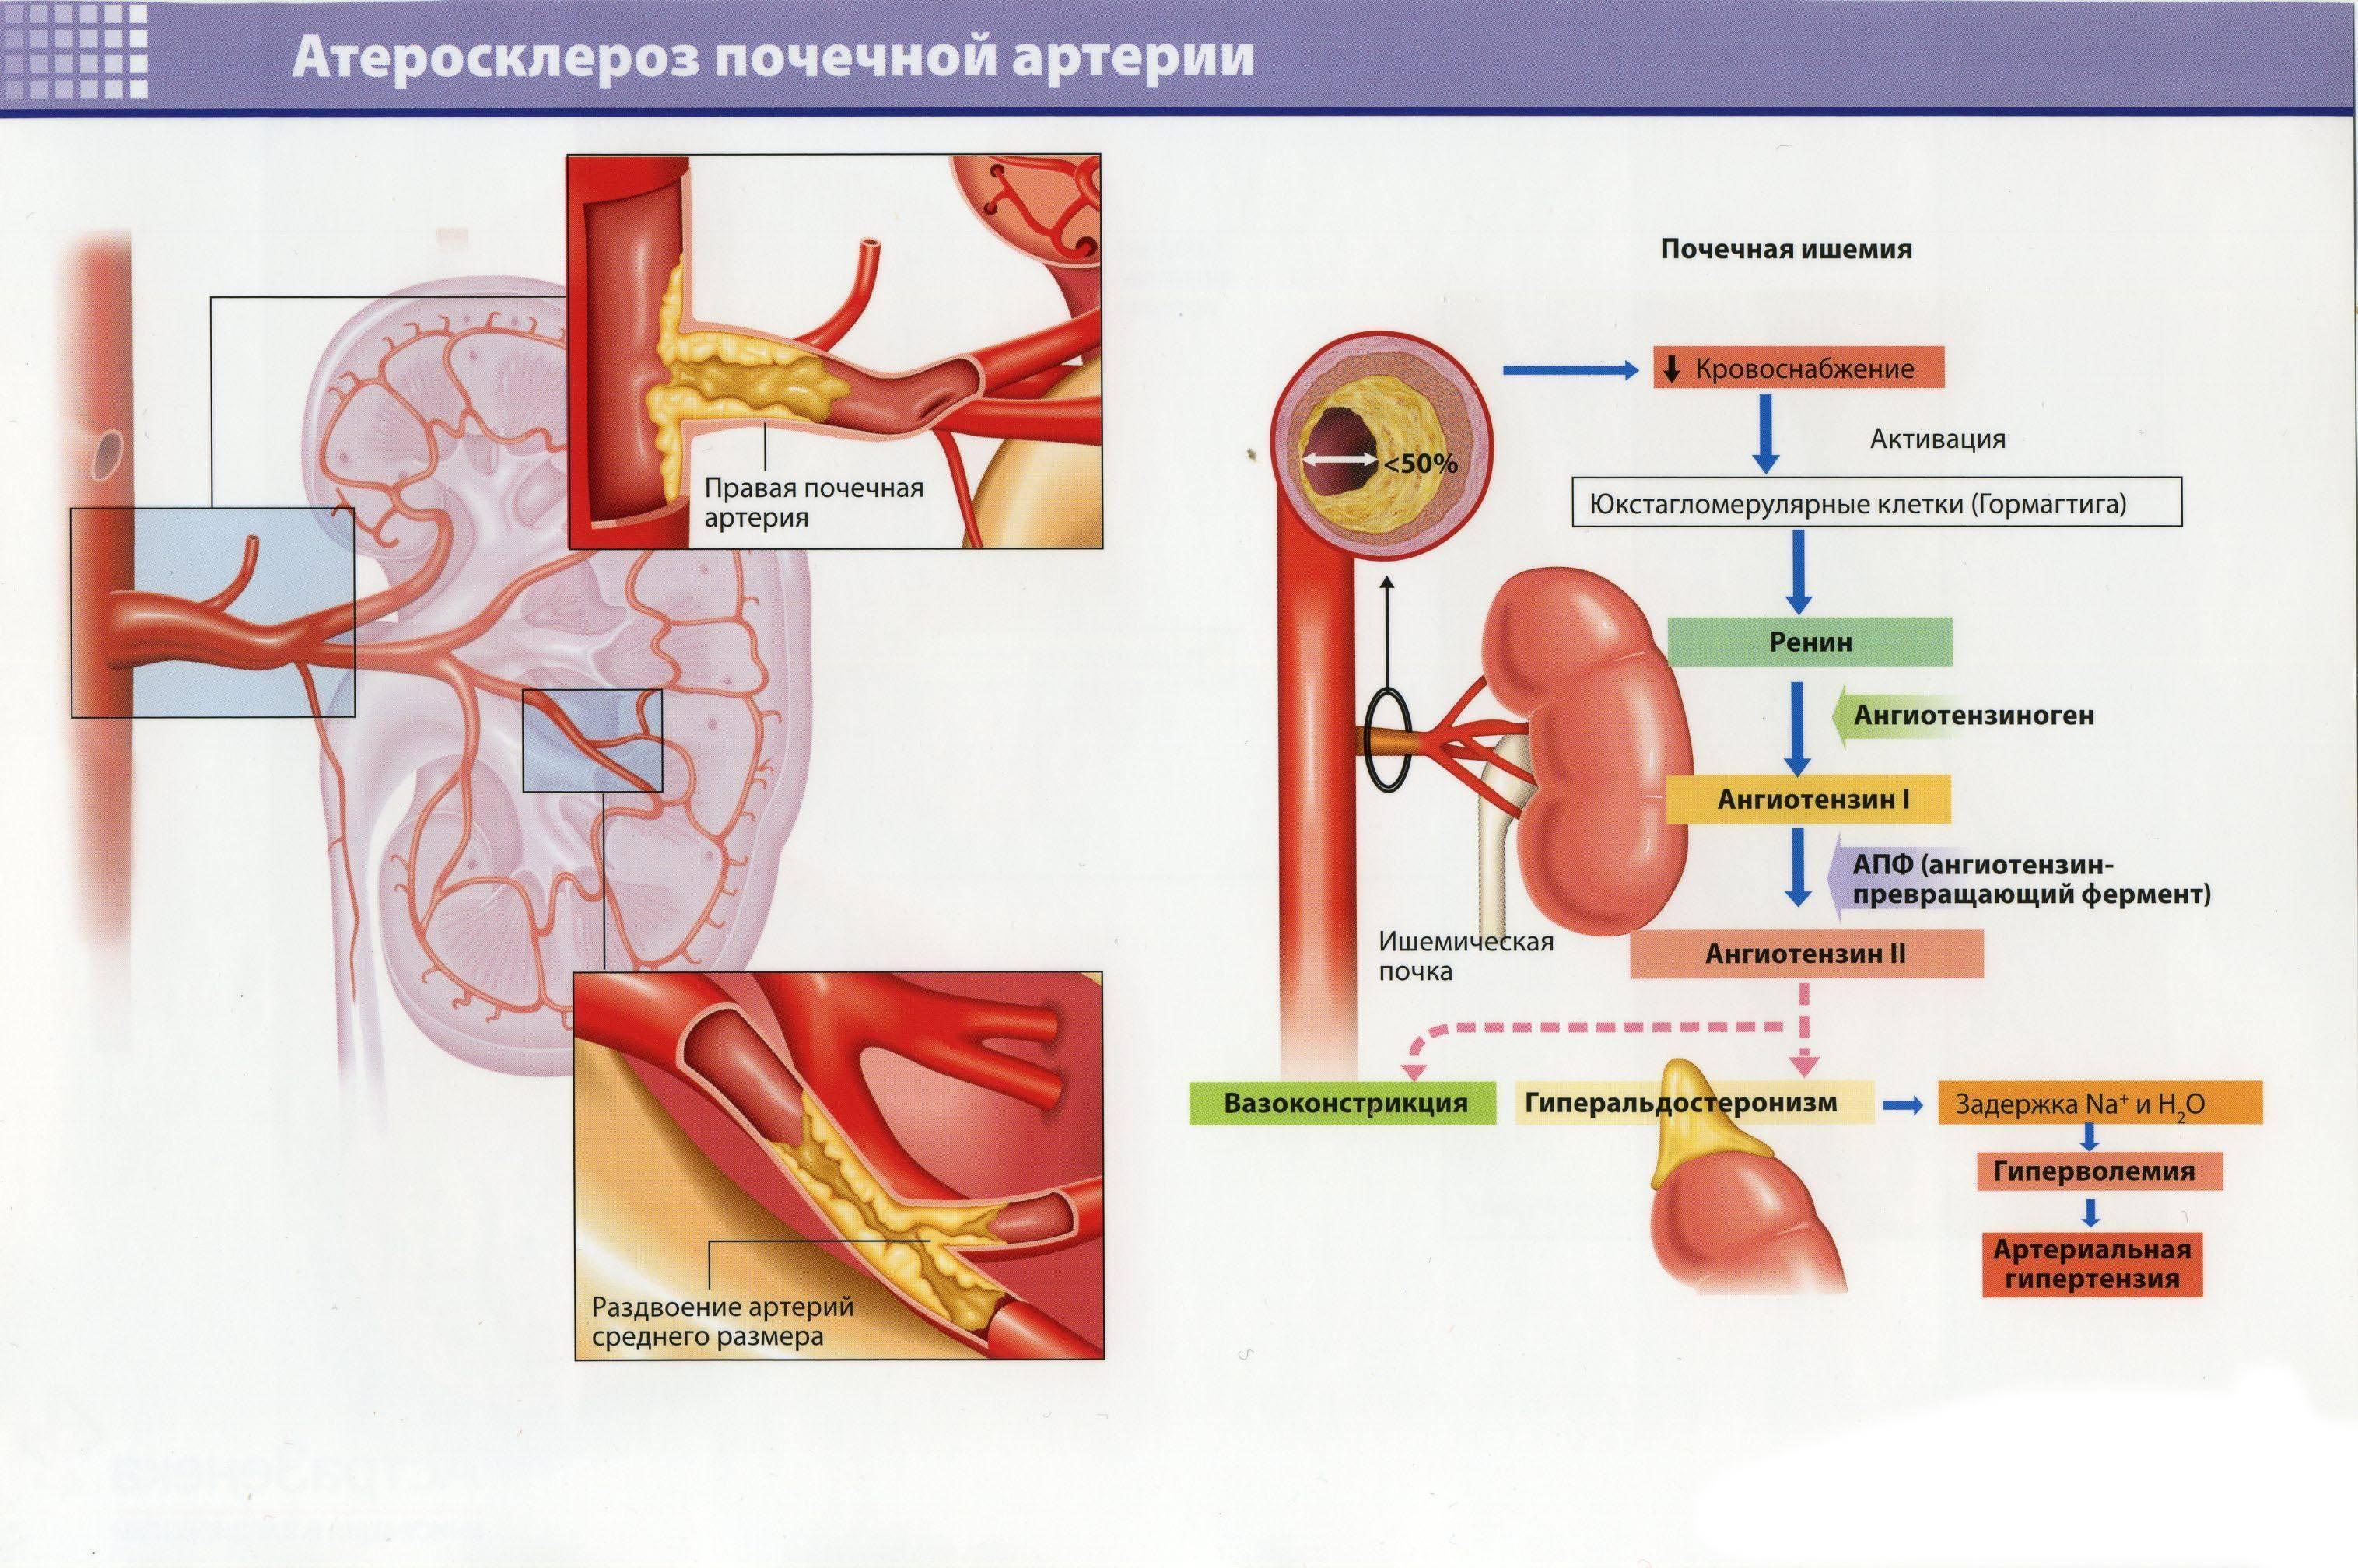 Особенности и лечение атеросклероза почечных артерий